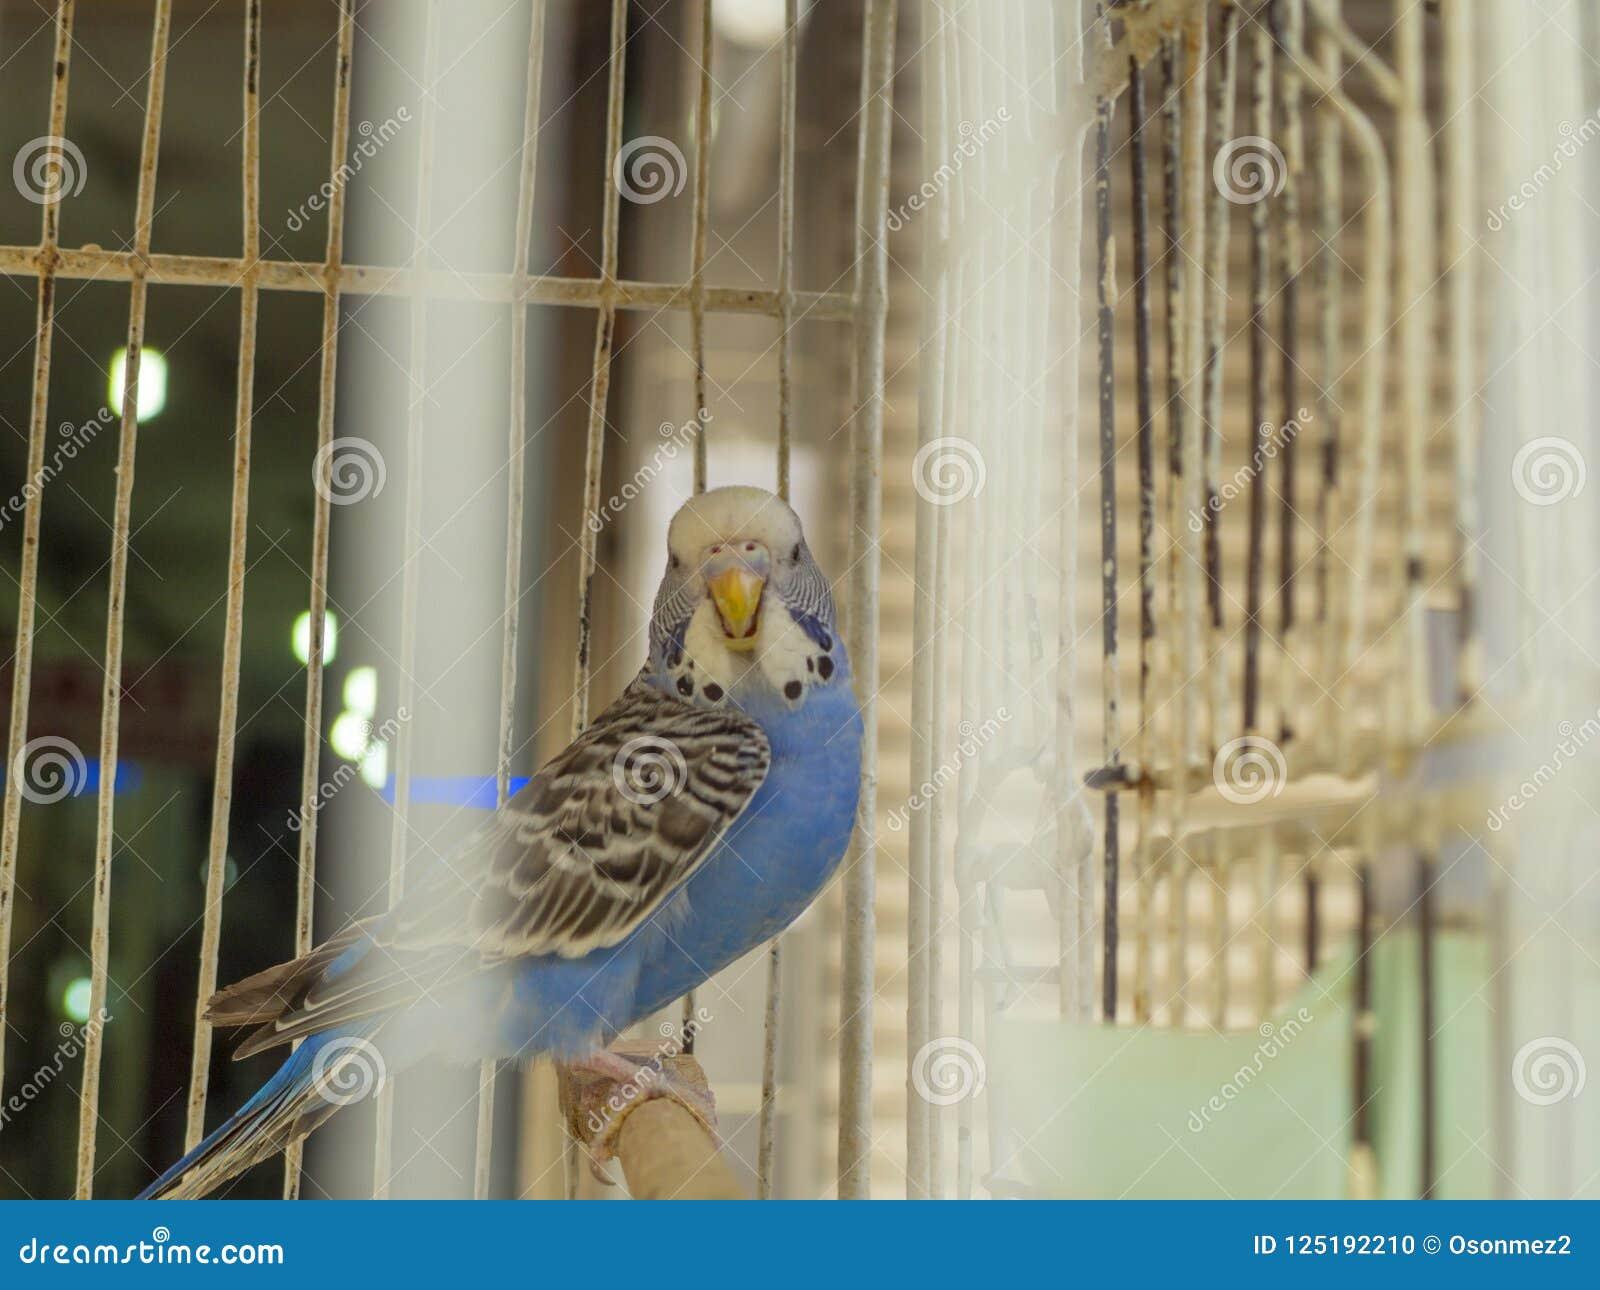 Blauer budgie Vogel in einem Käfig, der durch Käfig erscheint, bindet an